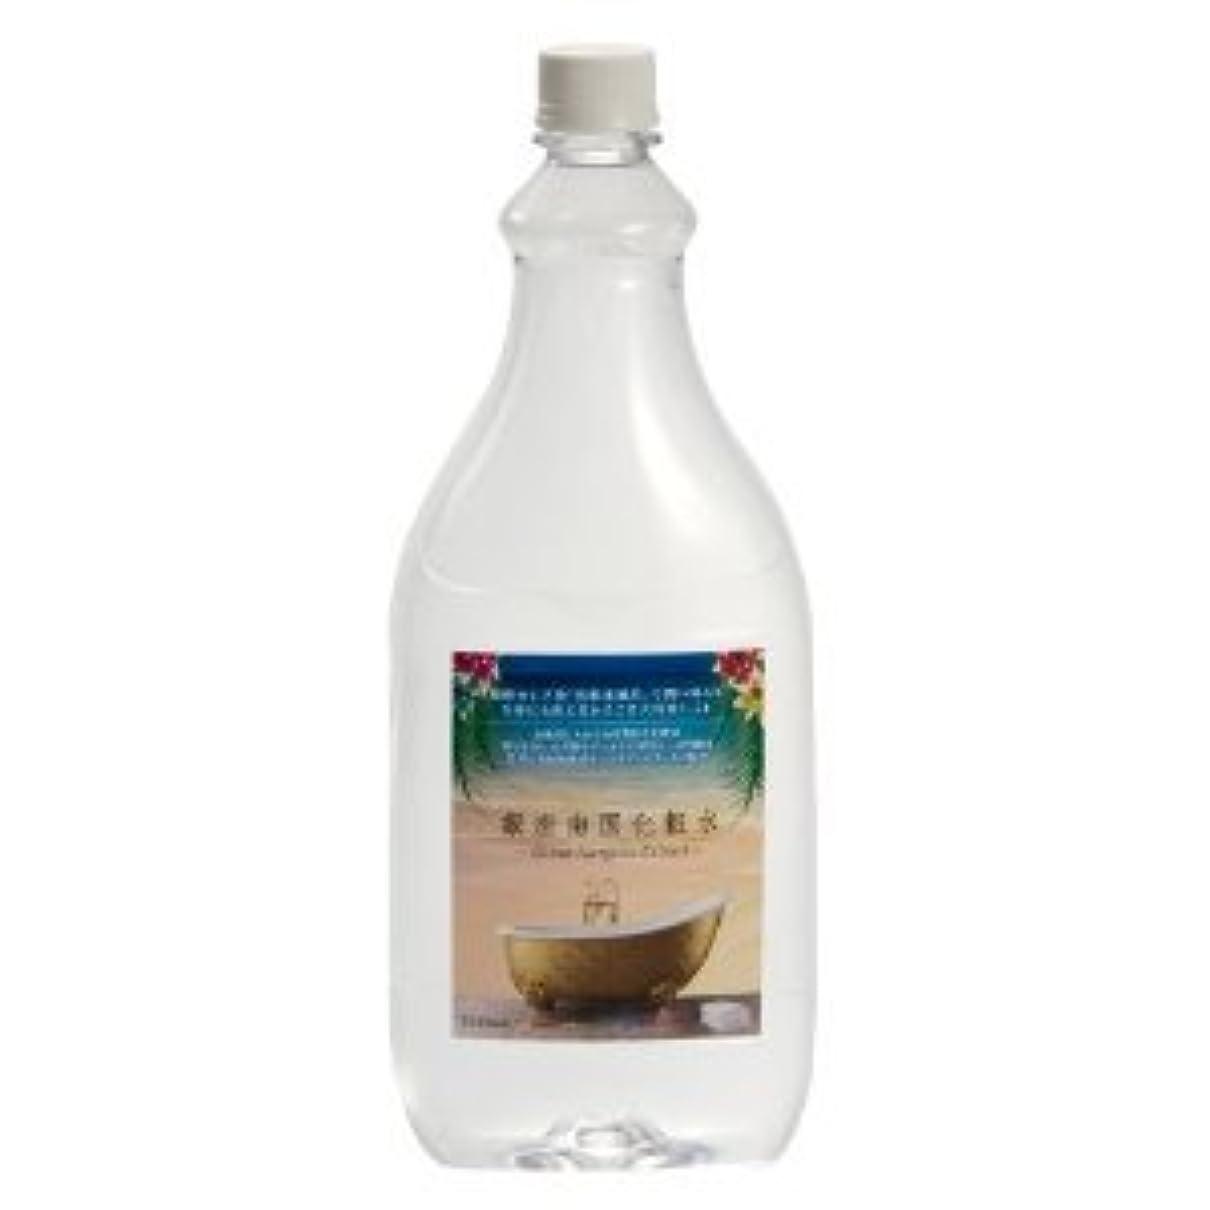 の前で台風水平銀座南国化粧水 (1000ml) スプレーボトル付きセット